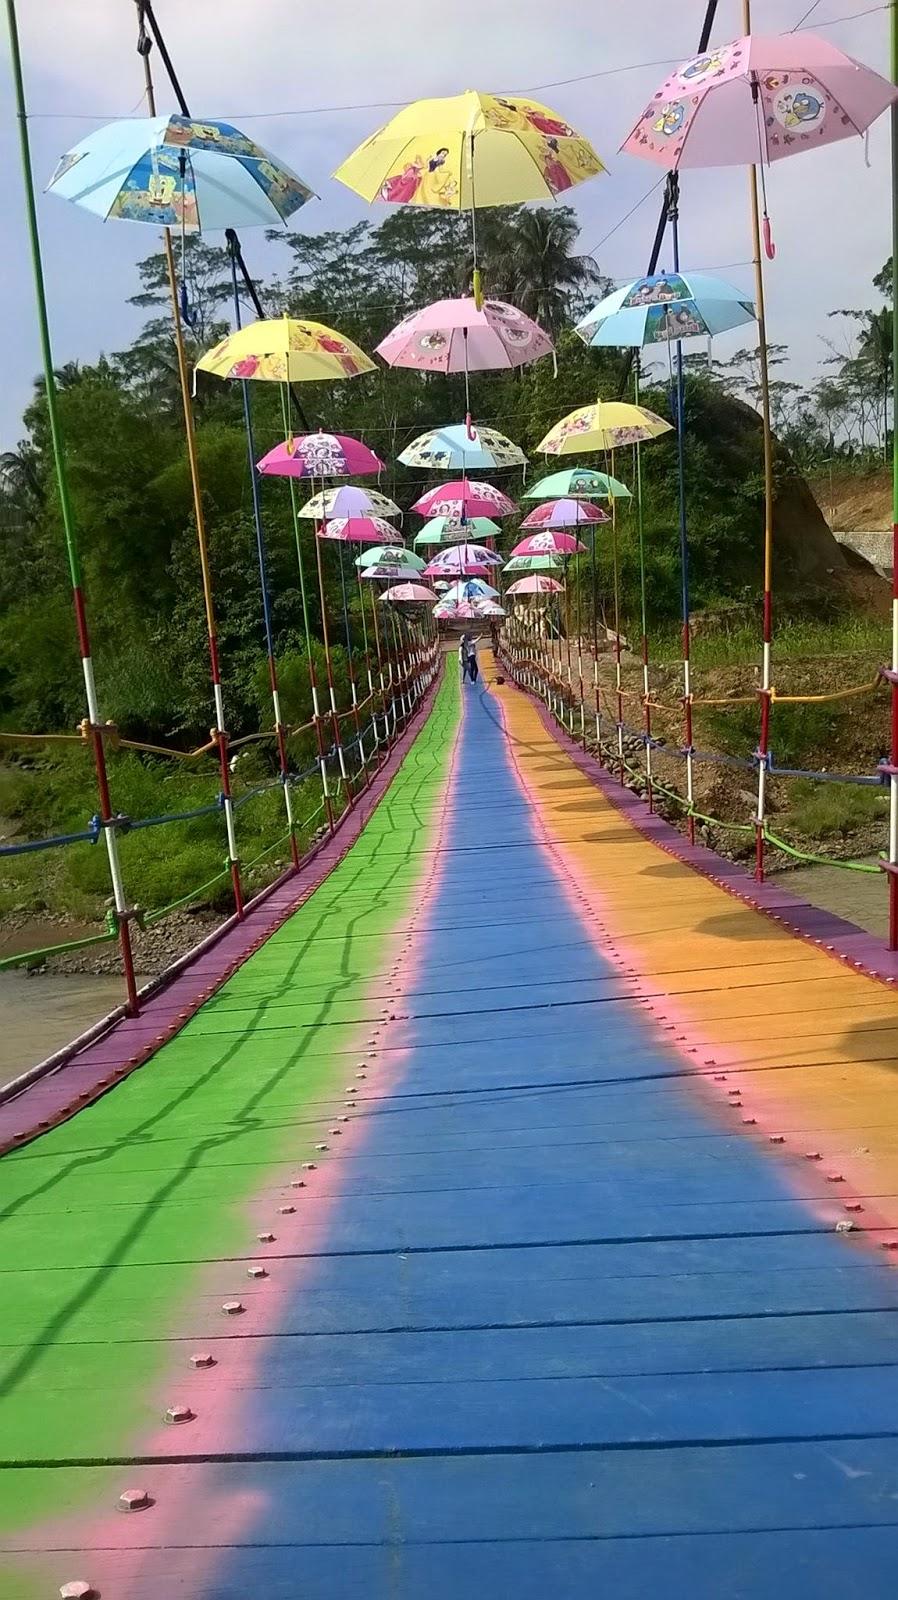 Pesona Wisata Alam Jembatan Pelangi Rembang Kab Purbalingga